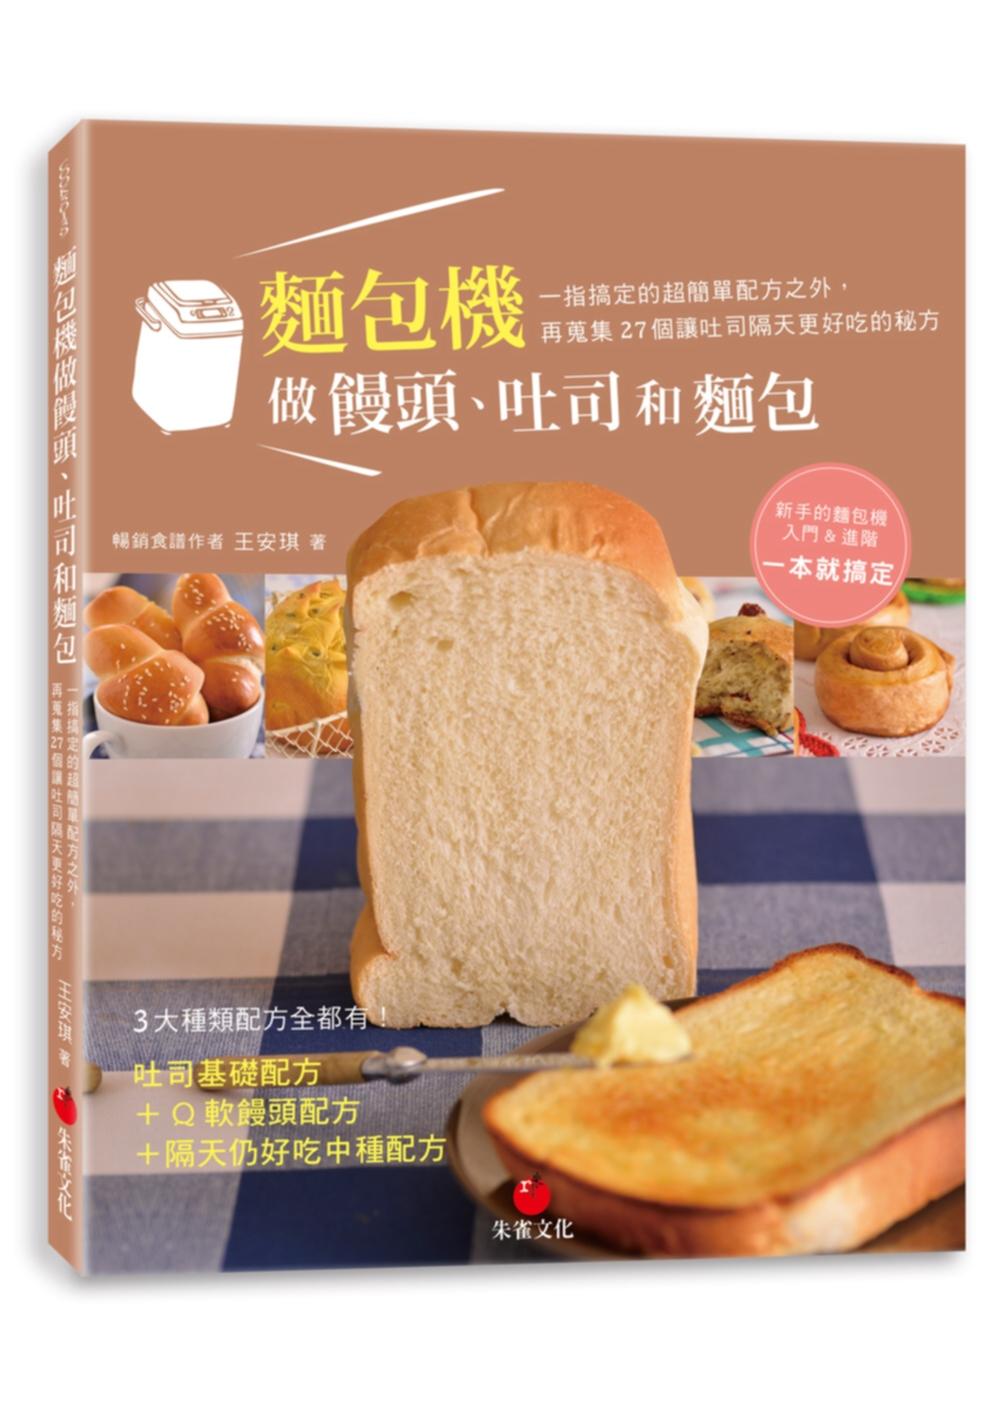 麵包機做饅頭、吐司和麵包:一指搞定的超簡單配方之外,再蒐集27個讓吐司隔天更好吃的秘方